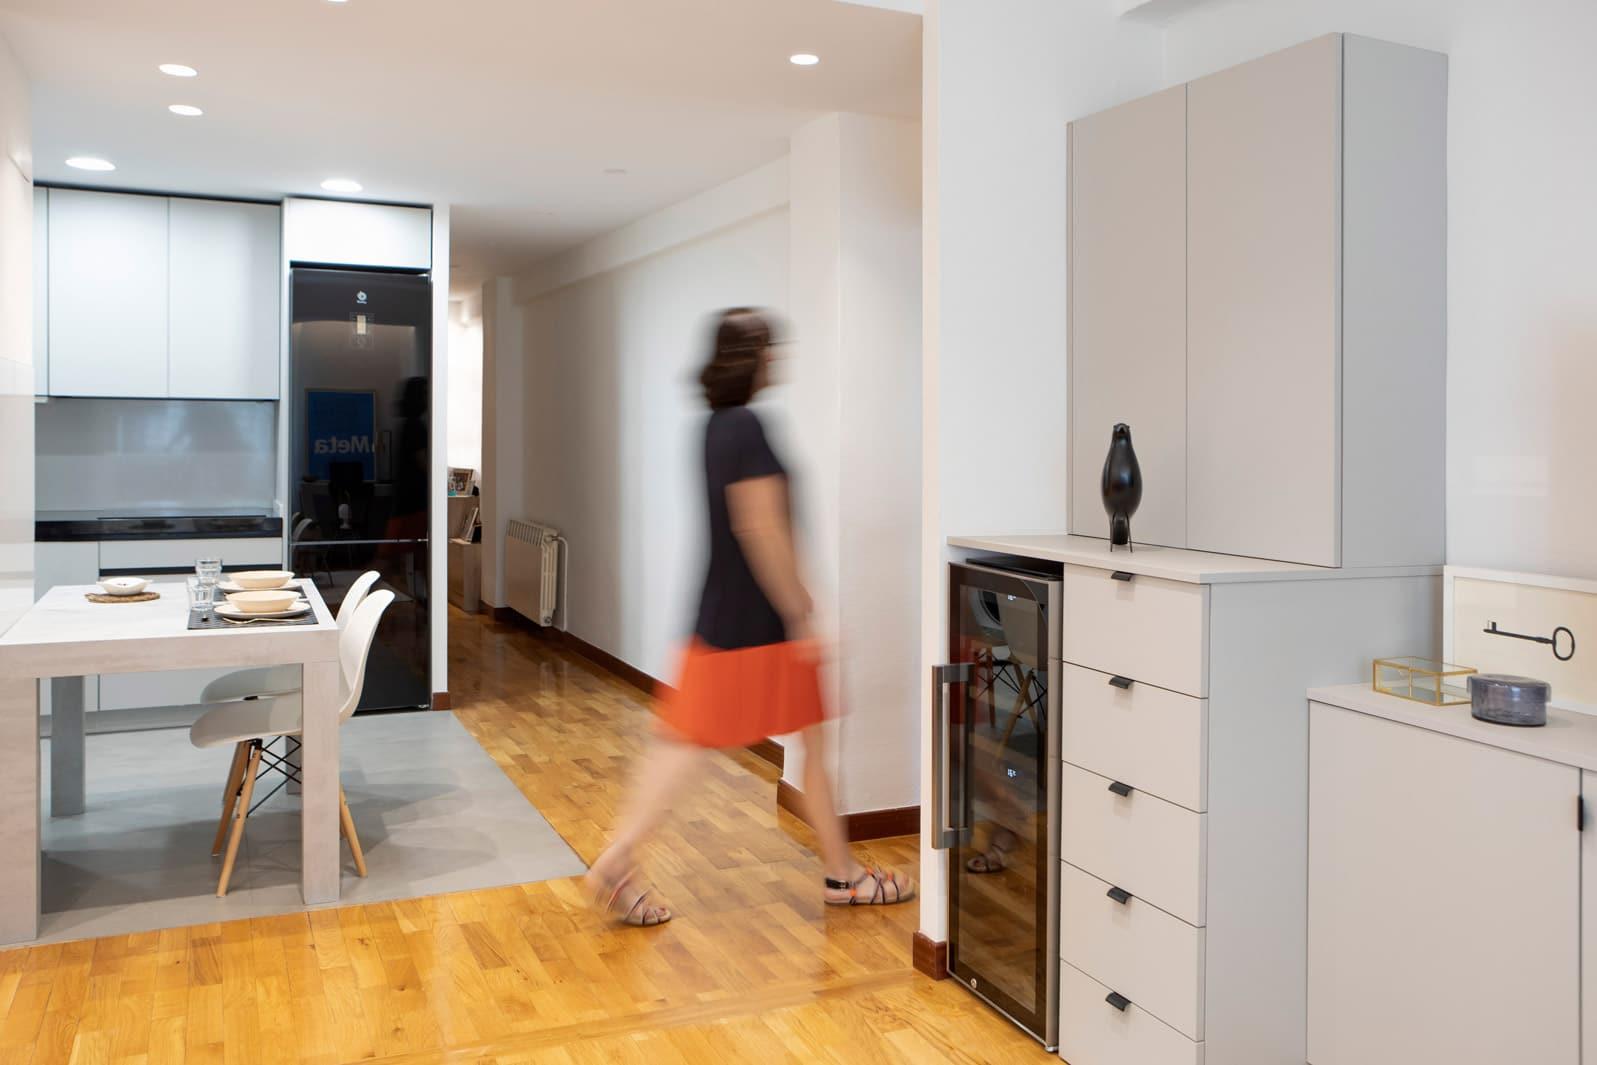 cocina-diseno-de-interiores-reforma-vivienda-estudio-marlo